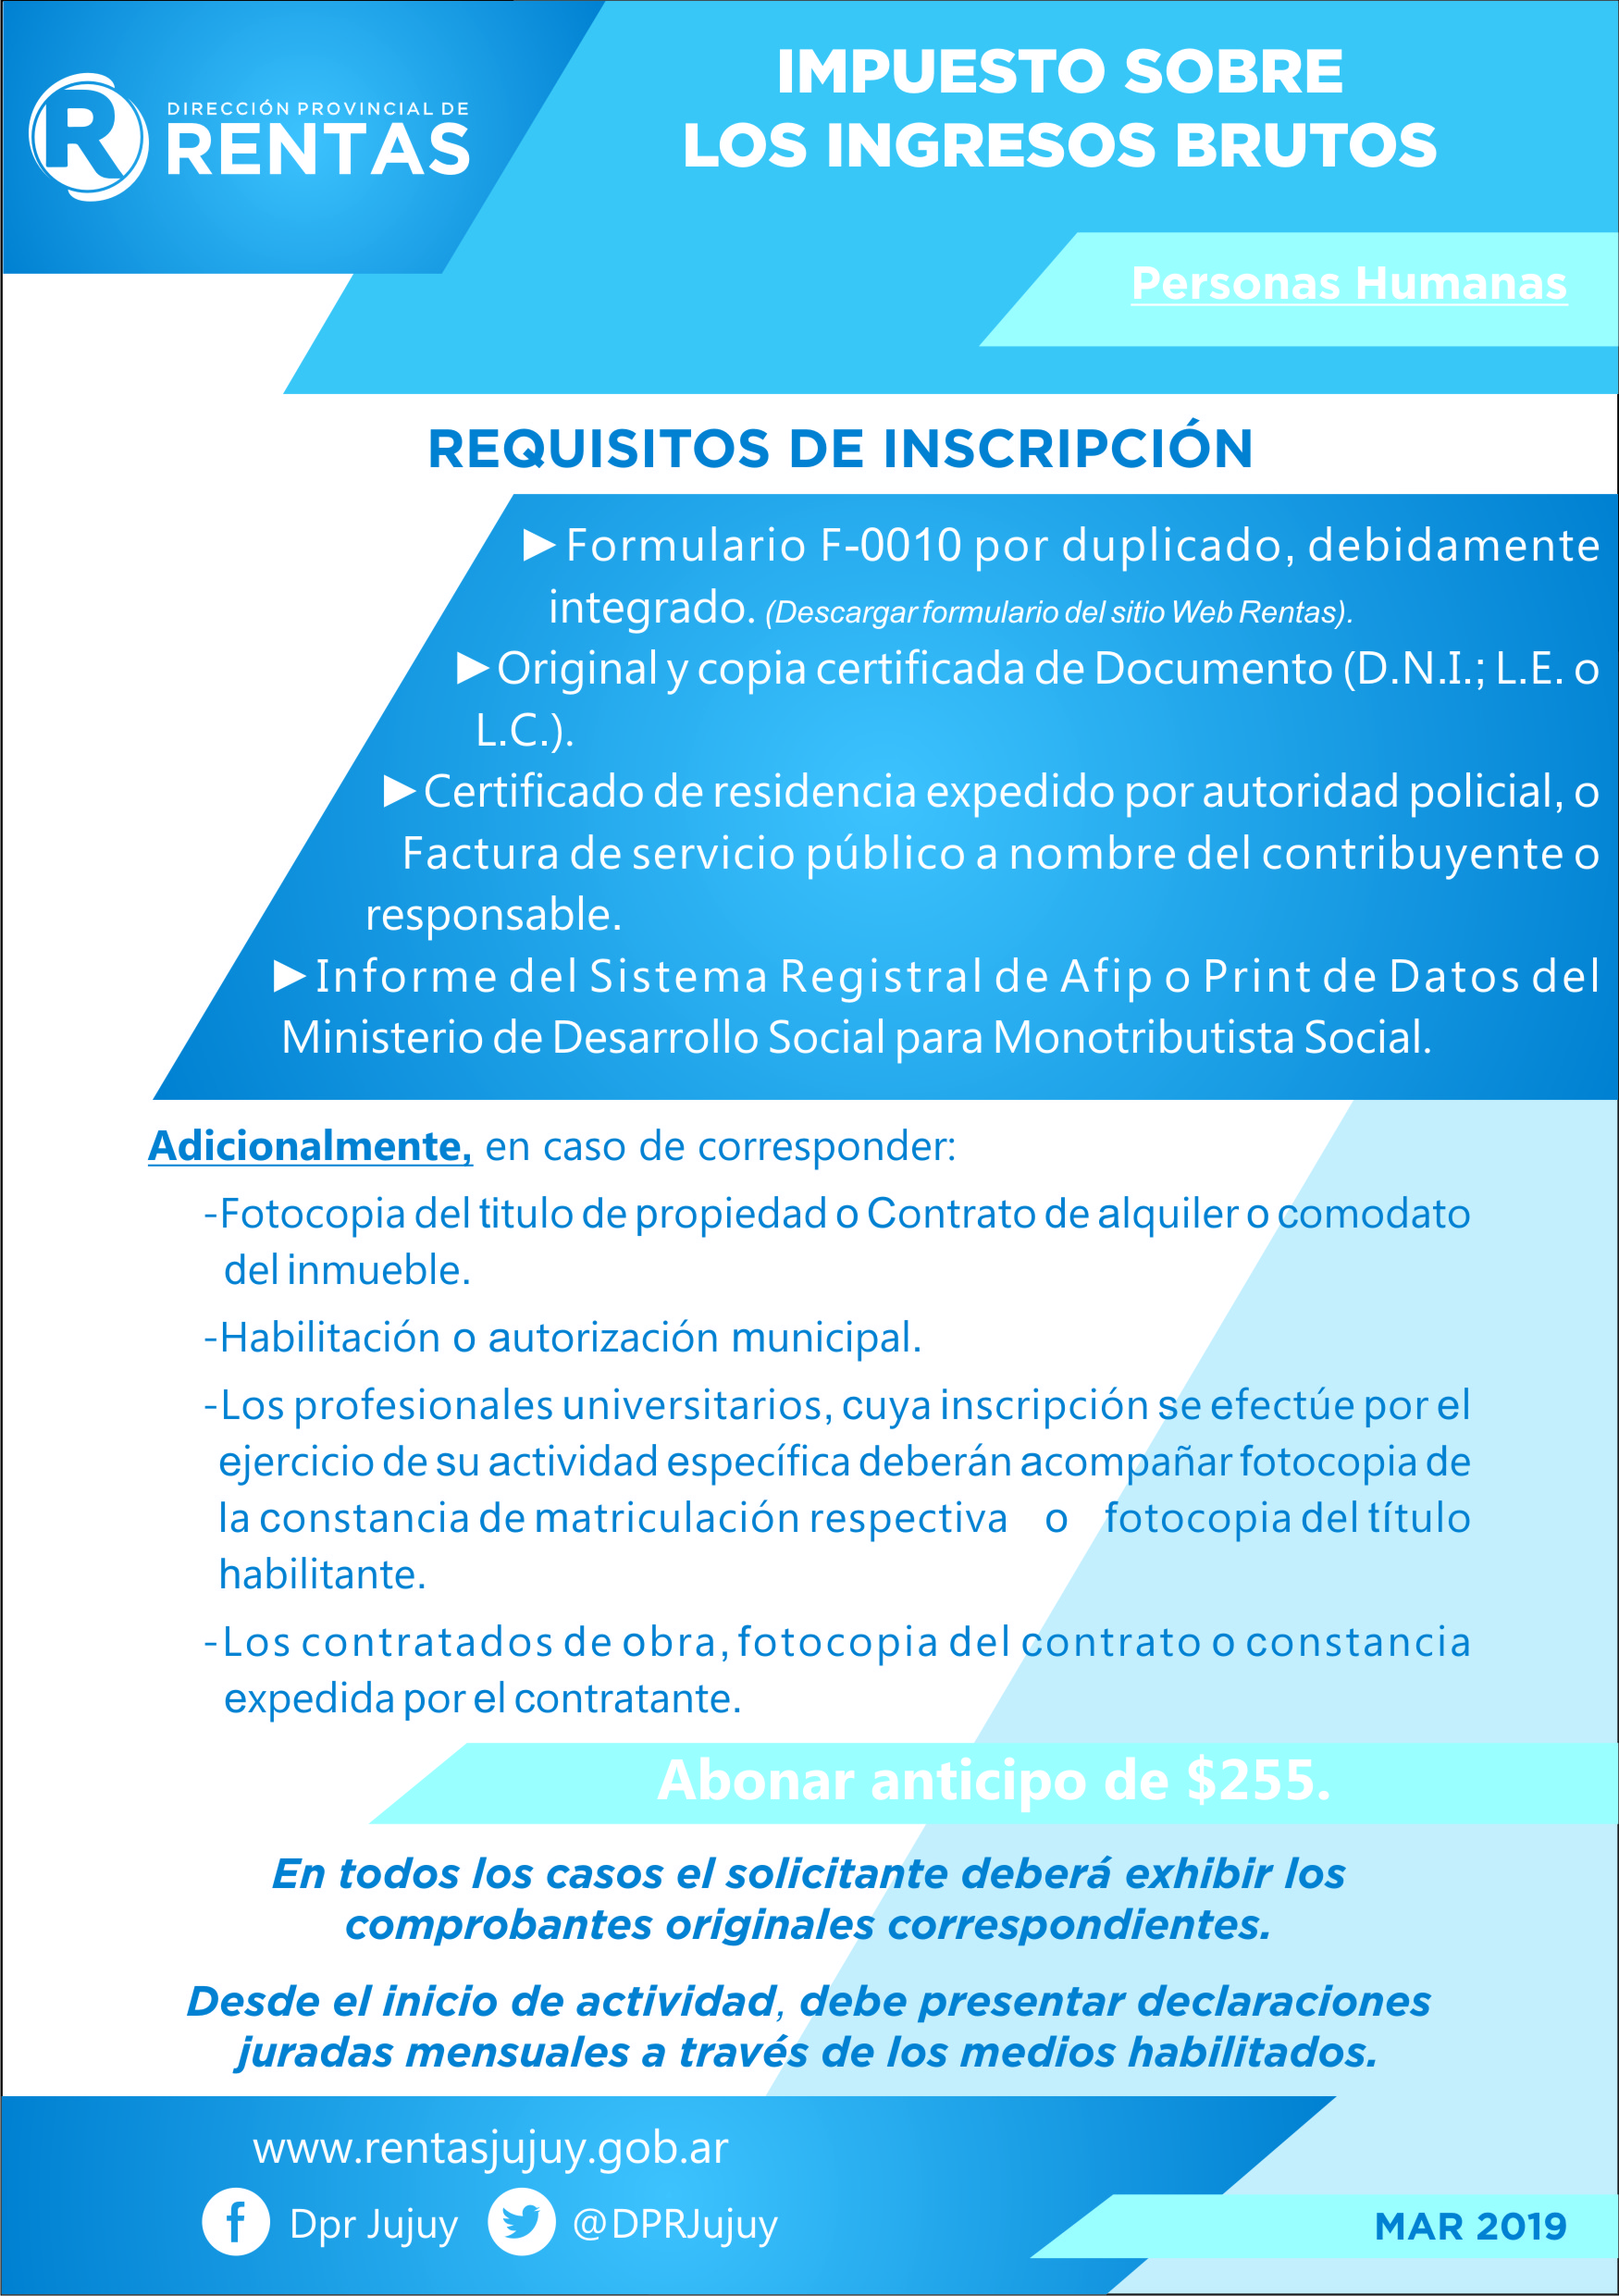 Ingresos brutos direcci n provincial de rentas for Inscripcion ingresos brutos